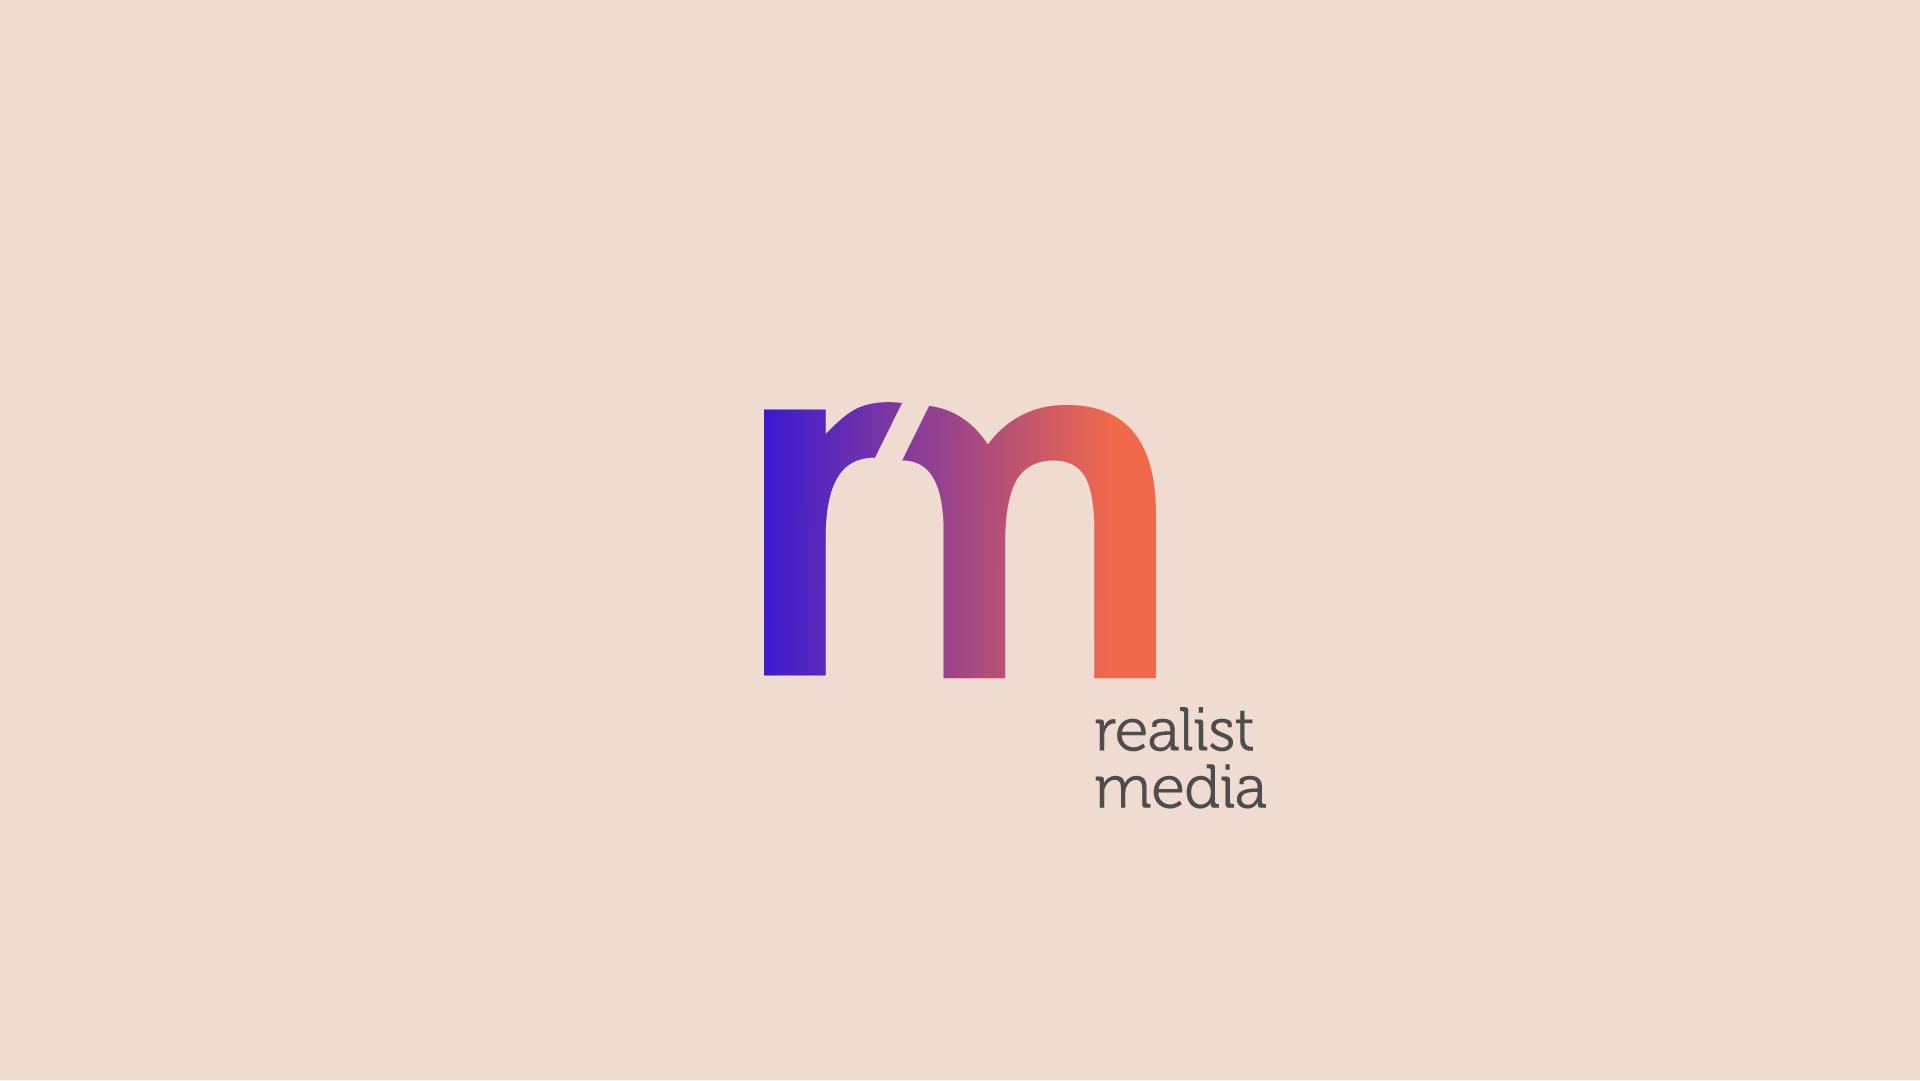 Разработка дизайна логотипа продакшена фото f_1625a7c481c53ba1.png